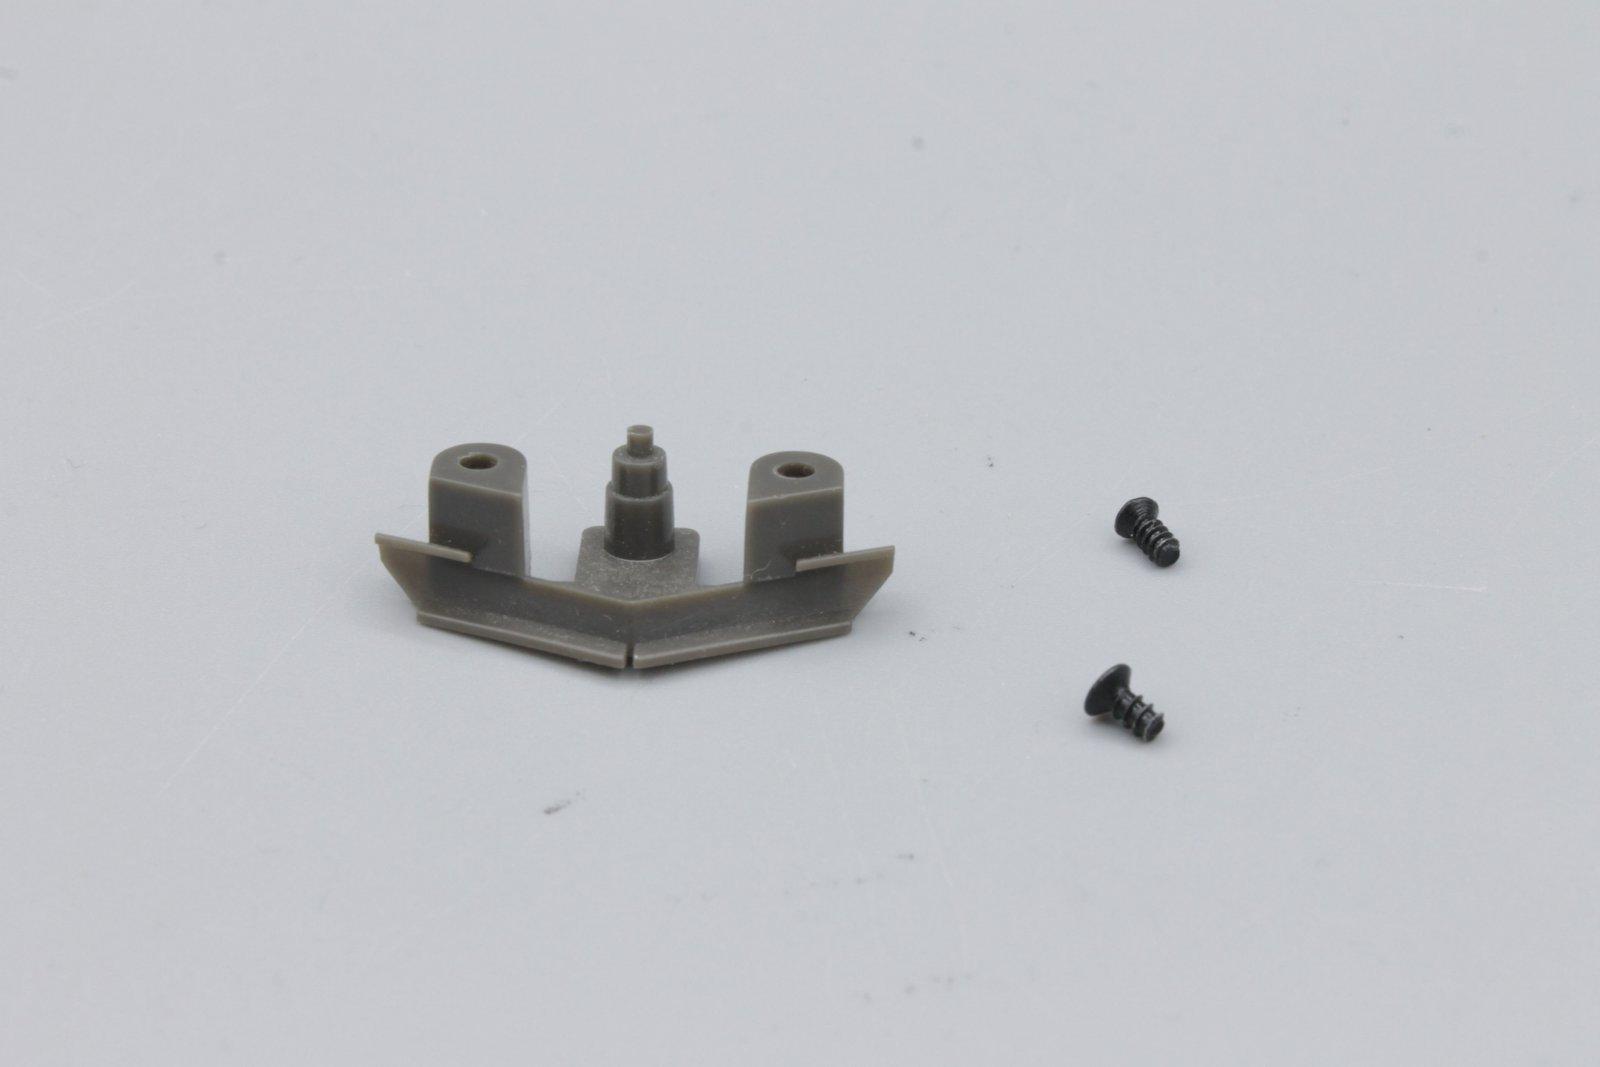 Piko Ersatzteil ER20-223-2016 Schienenräumer geschraubt - 1 Stück